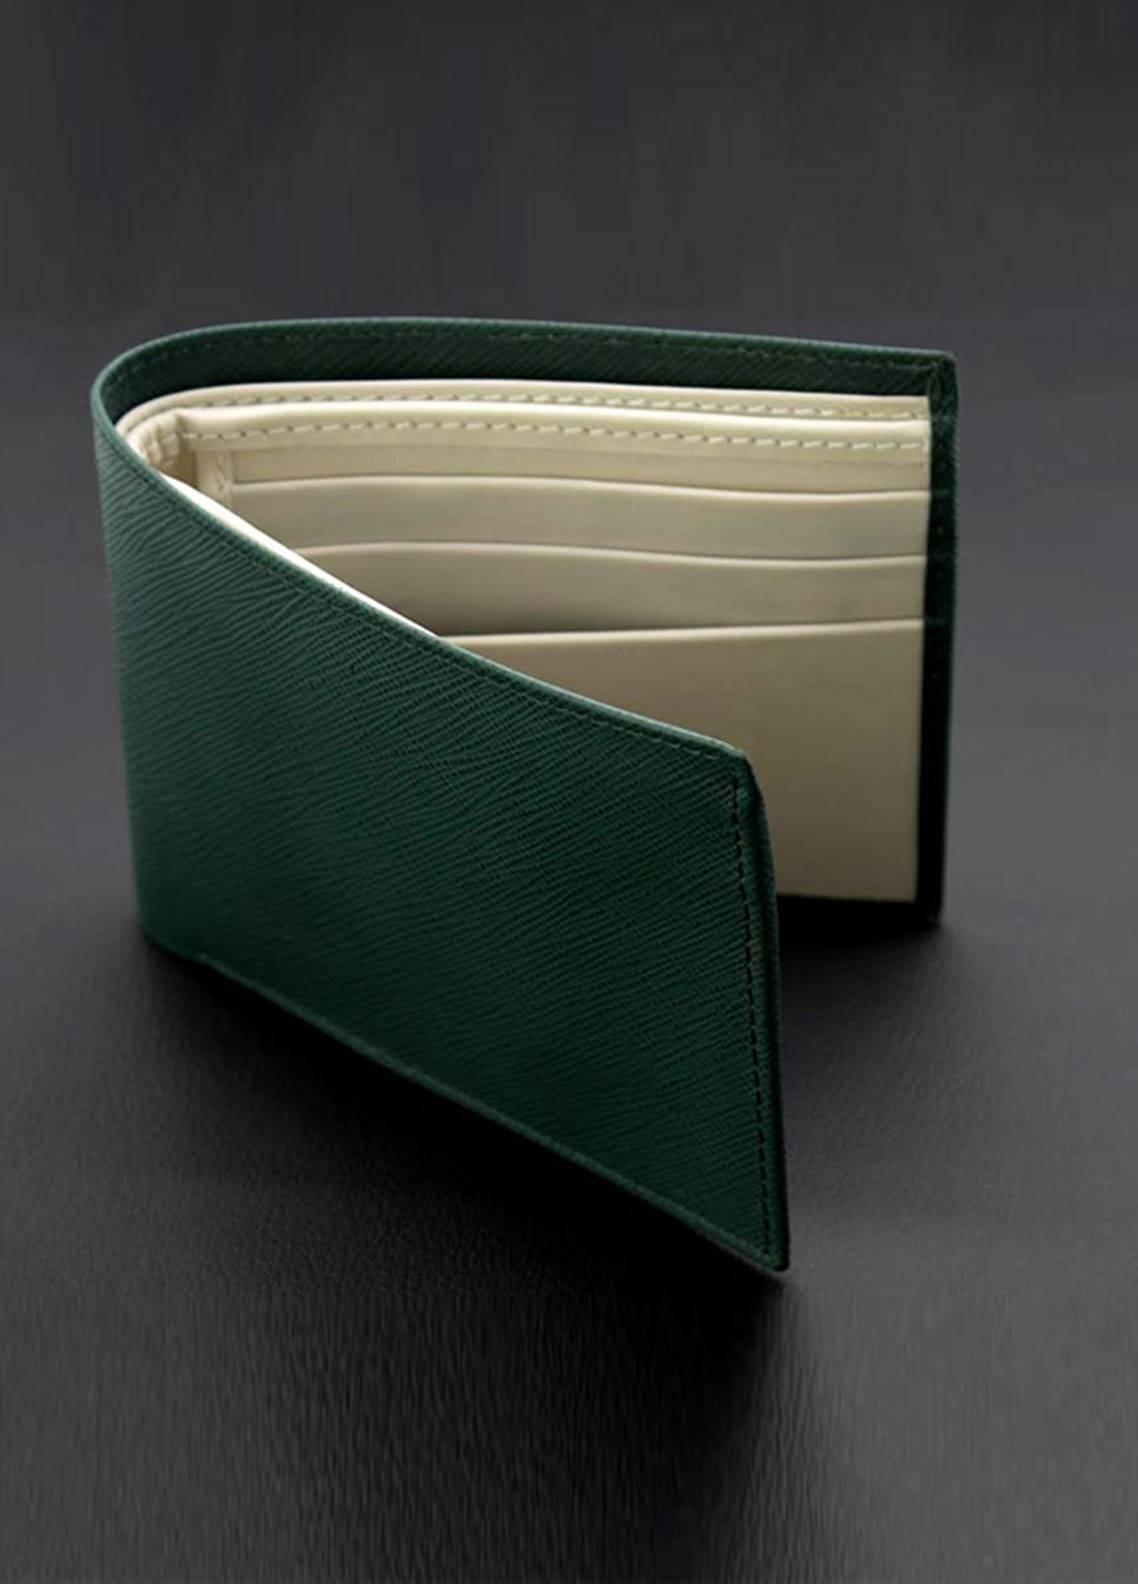 Skangen Vertical Premium Cow Leather Lined Texture Wallets SKWT-1012 - Men's Accessories